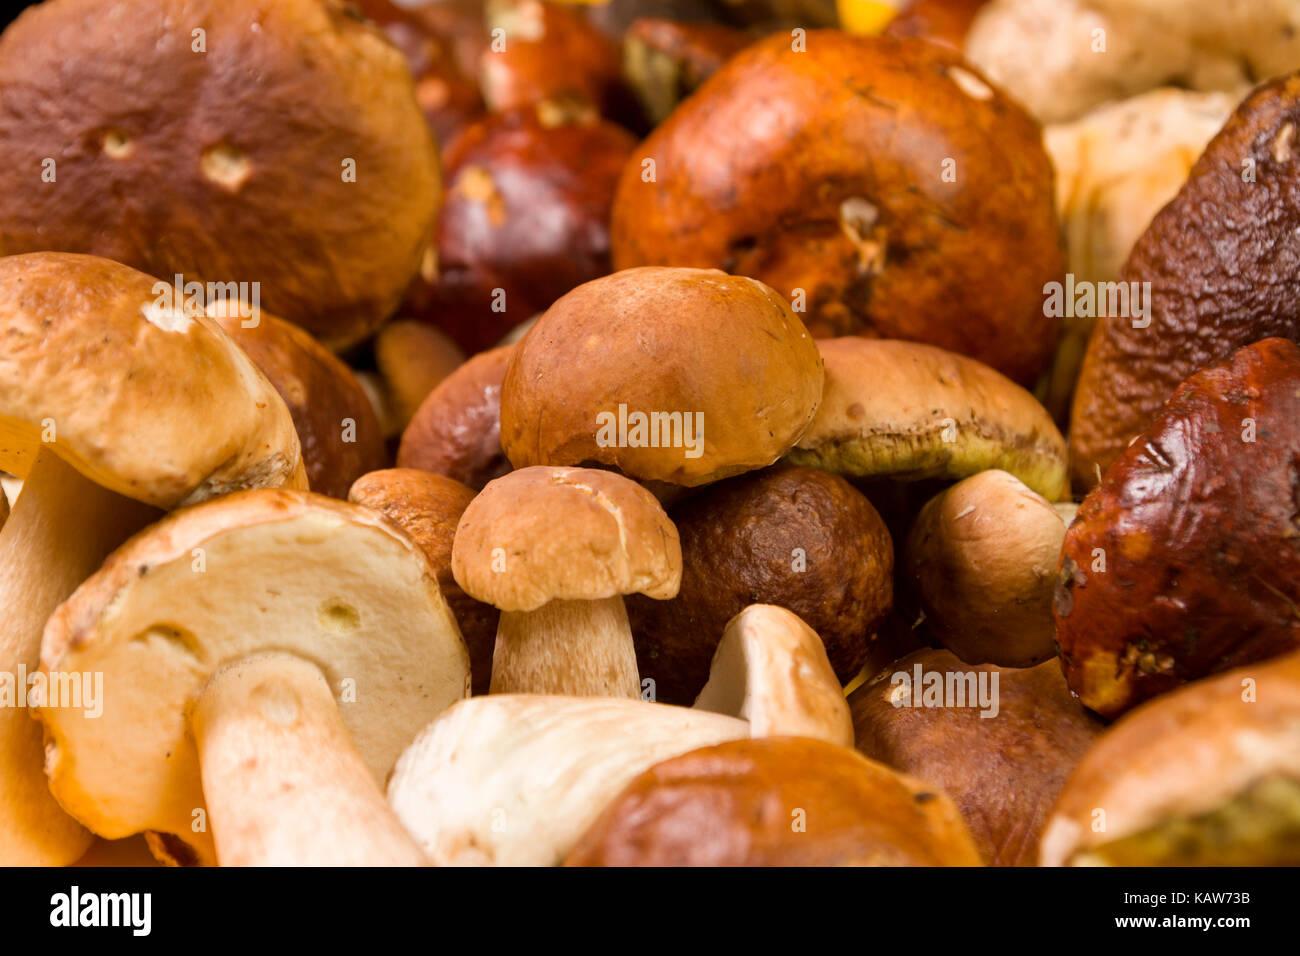 Frisch geerntete Steinpilzen Hintergrund. Essbare Pilze. Selektiver Fokus Stockbild